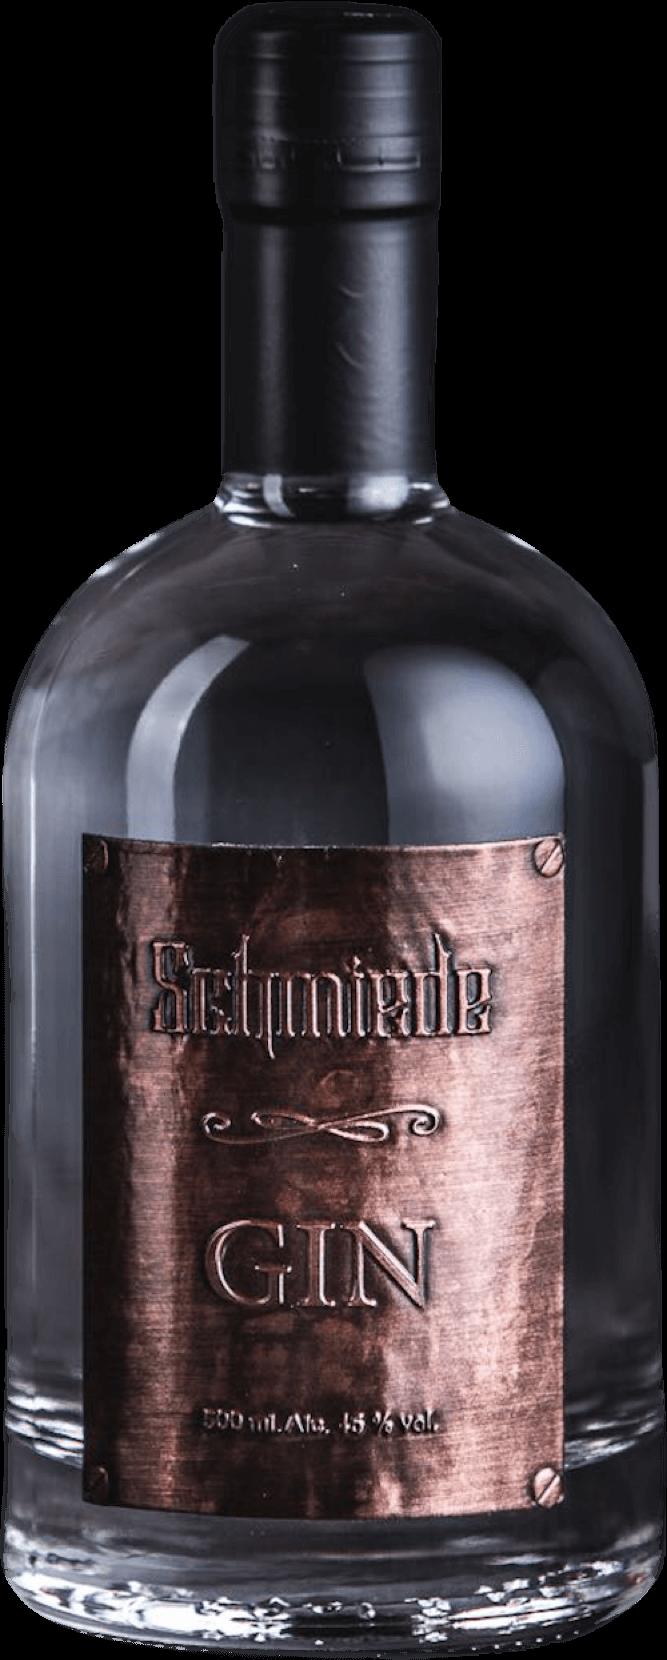 Schmiede Gin - Der Steilste Gin